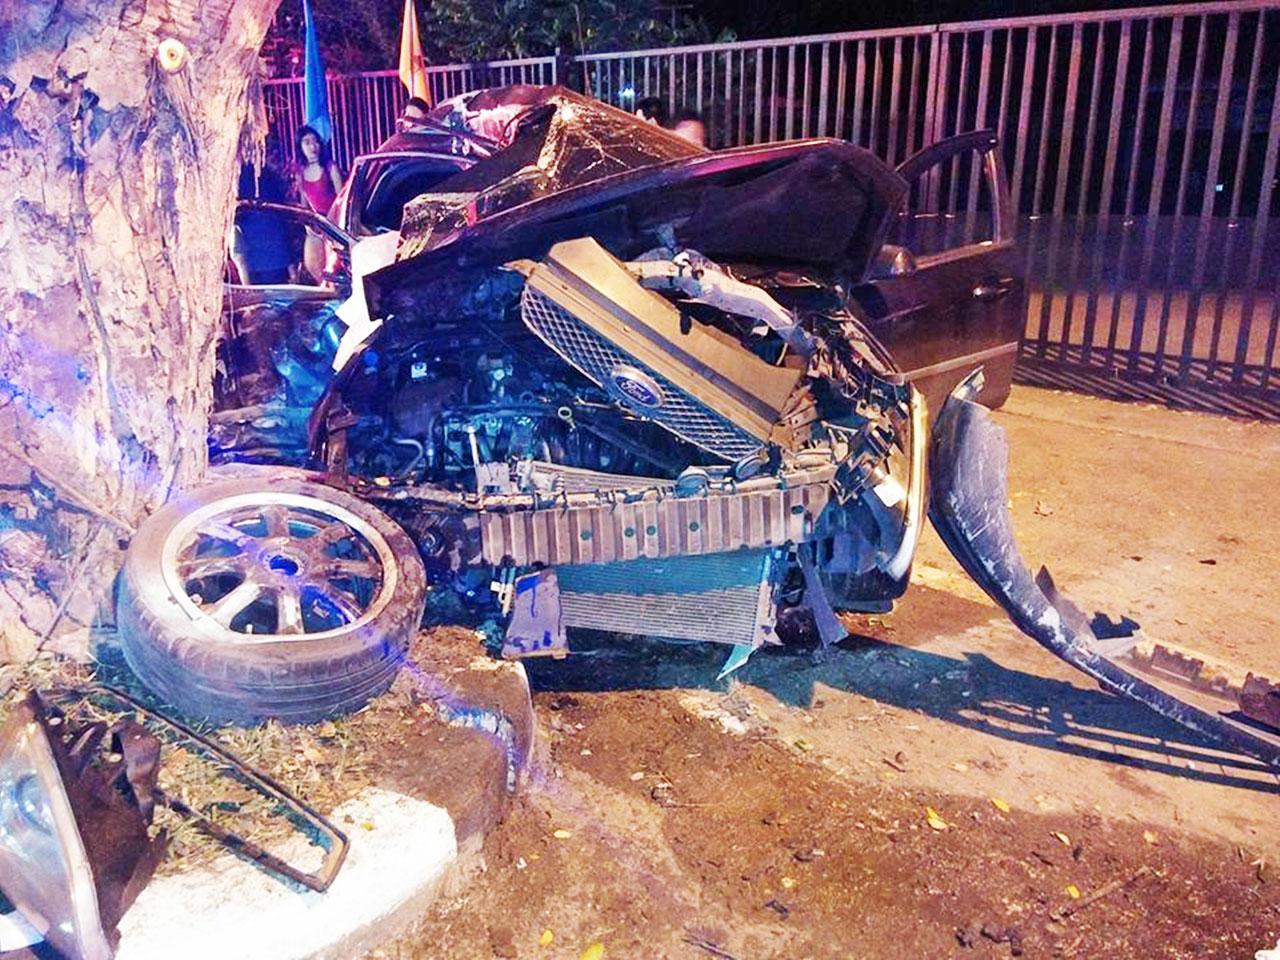 ไม่มีชิ้นดี!! สภาพรถเก๋งหนุ่มขับชนต้นจามจุรี ขึ้นบนถนน